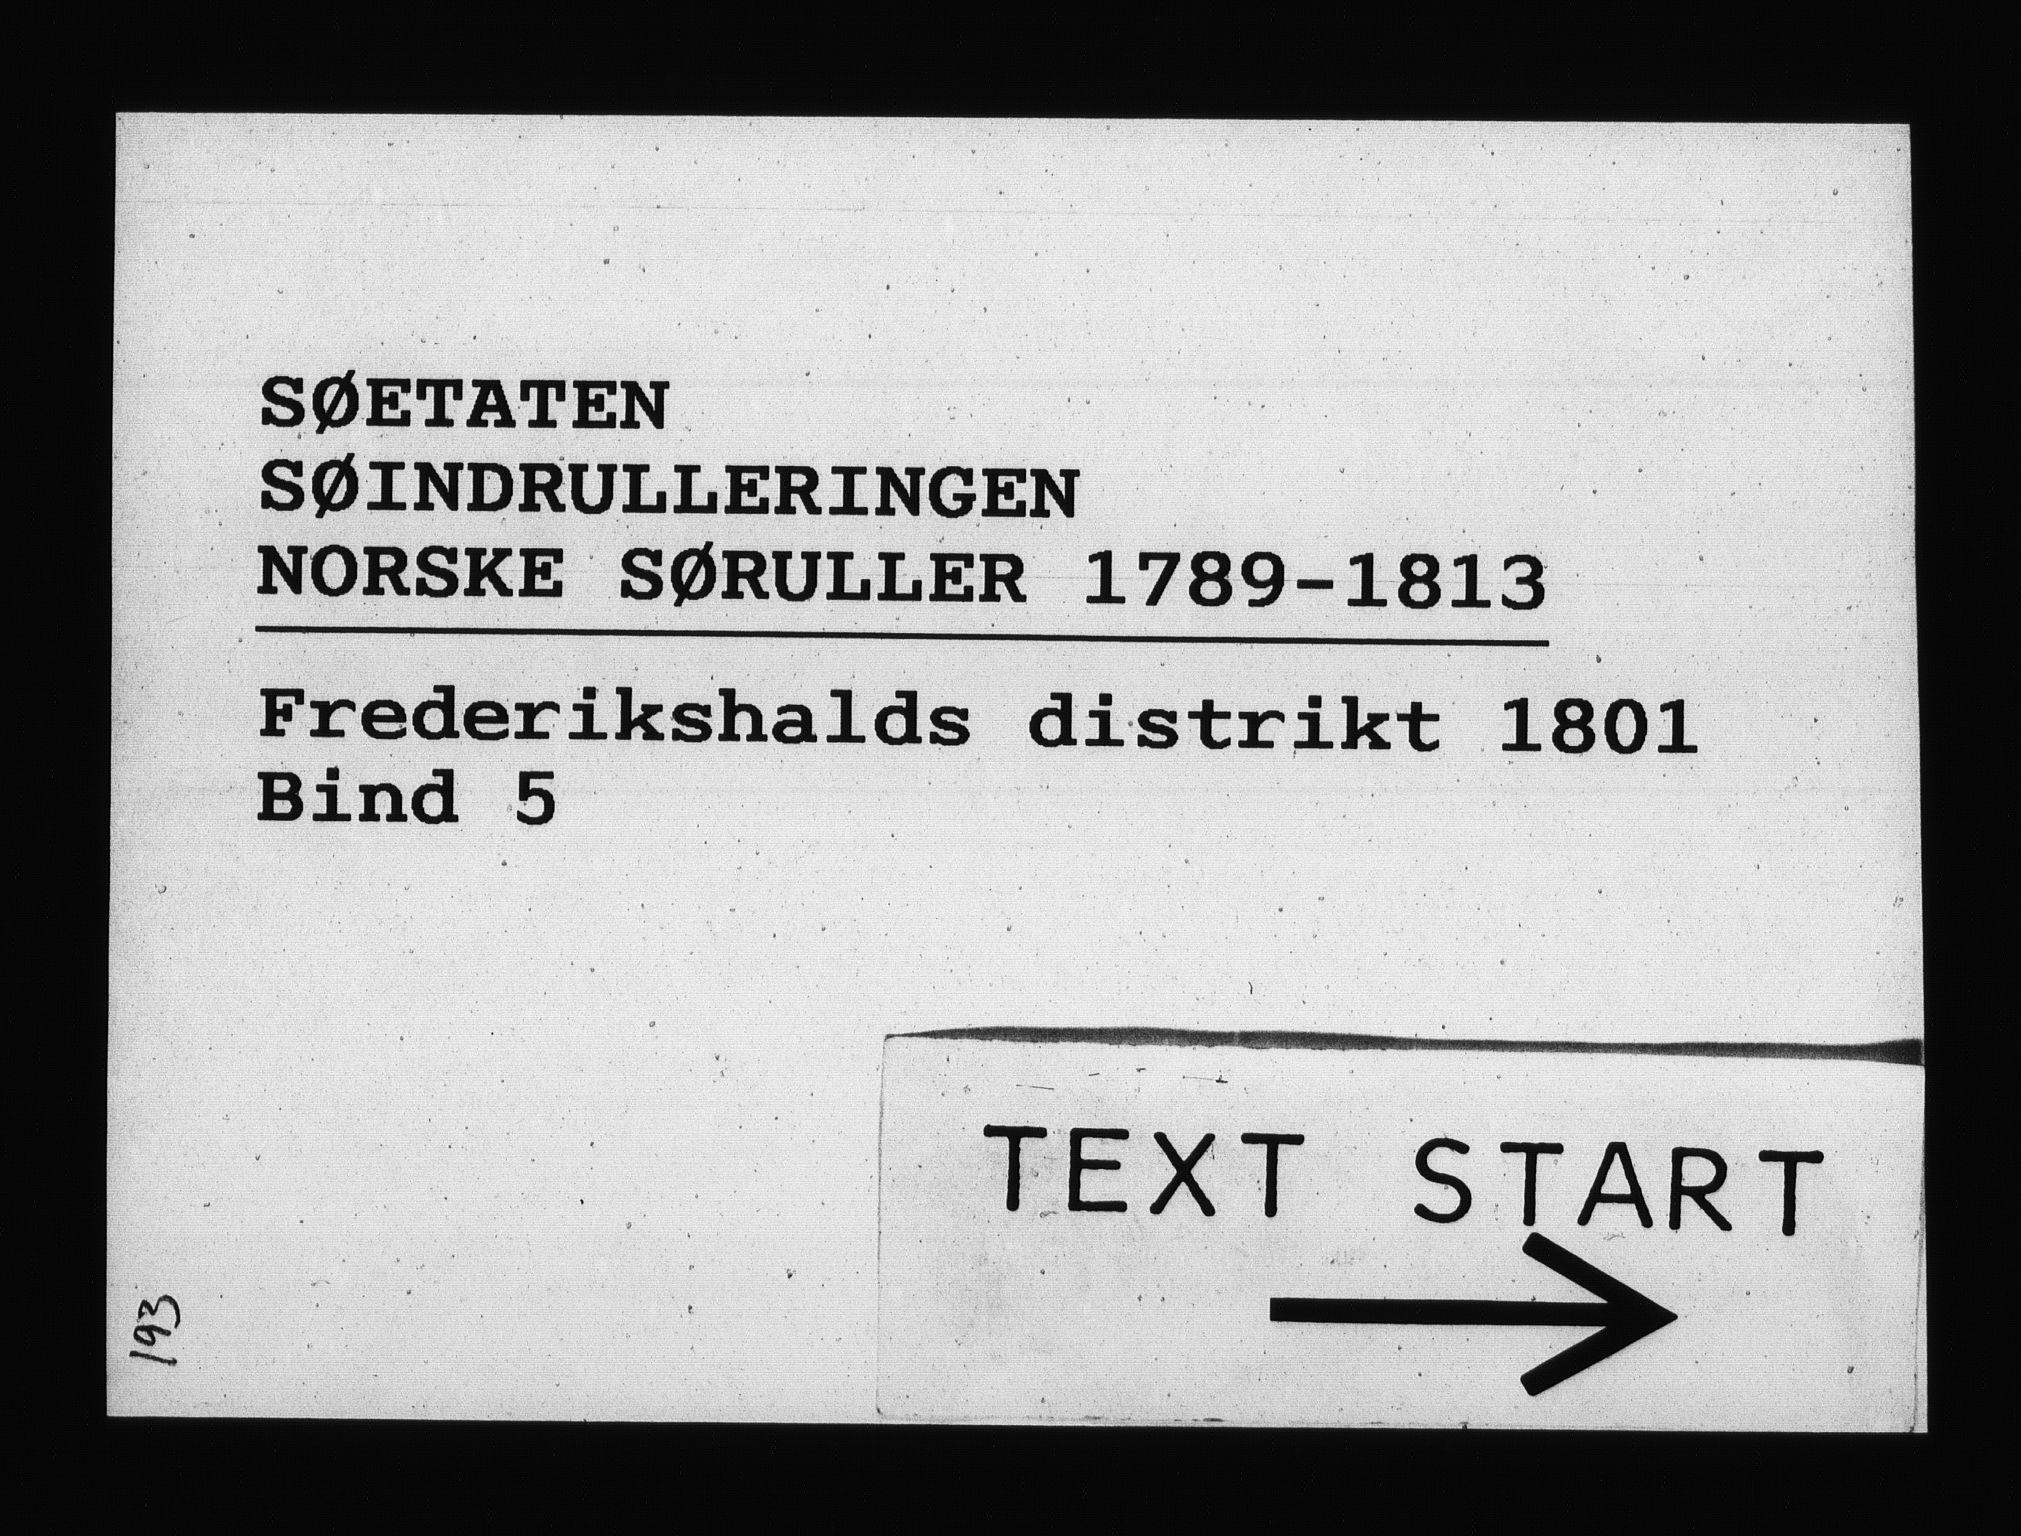 RA, Sjøetaten, F/L0194: Fredrikshalds distrikt, bind 5, 1801